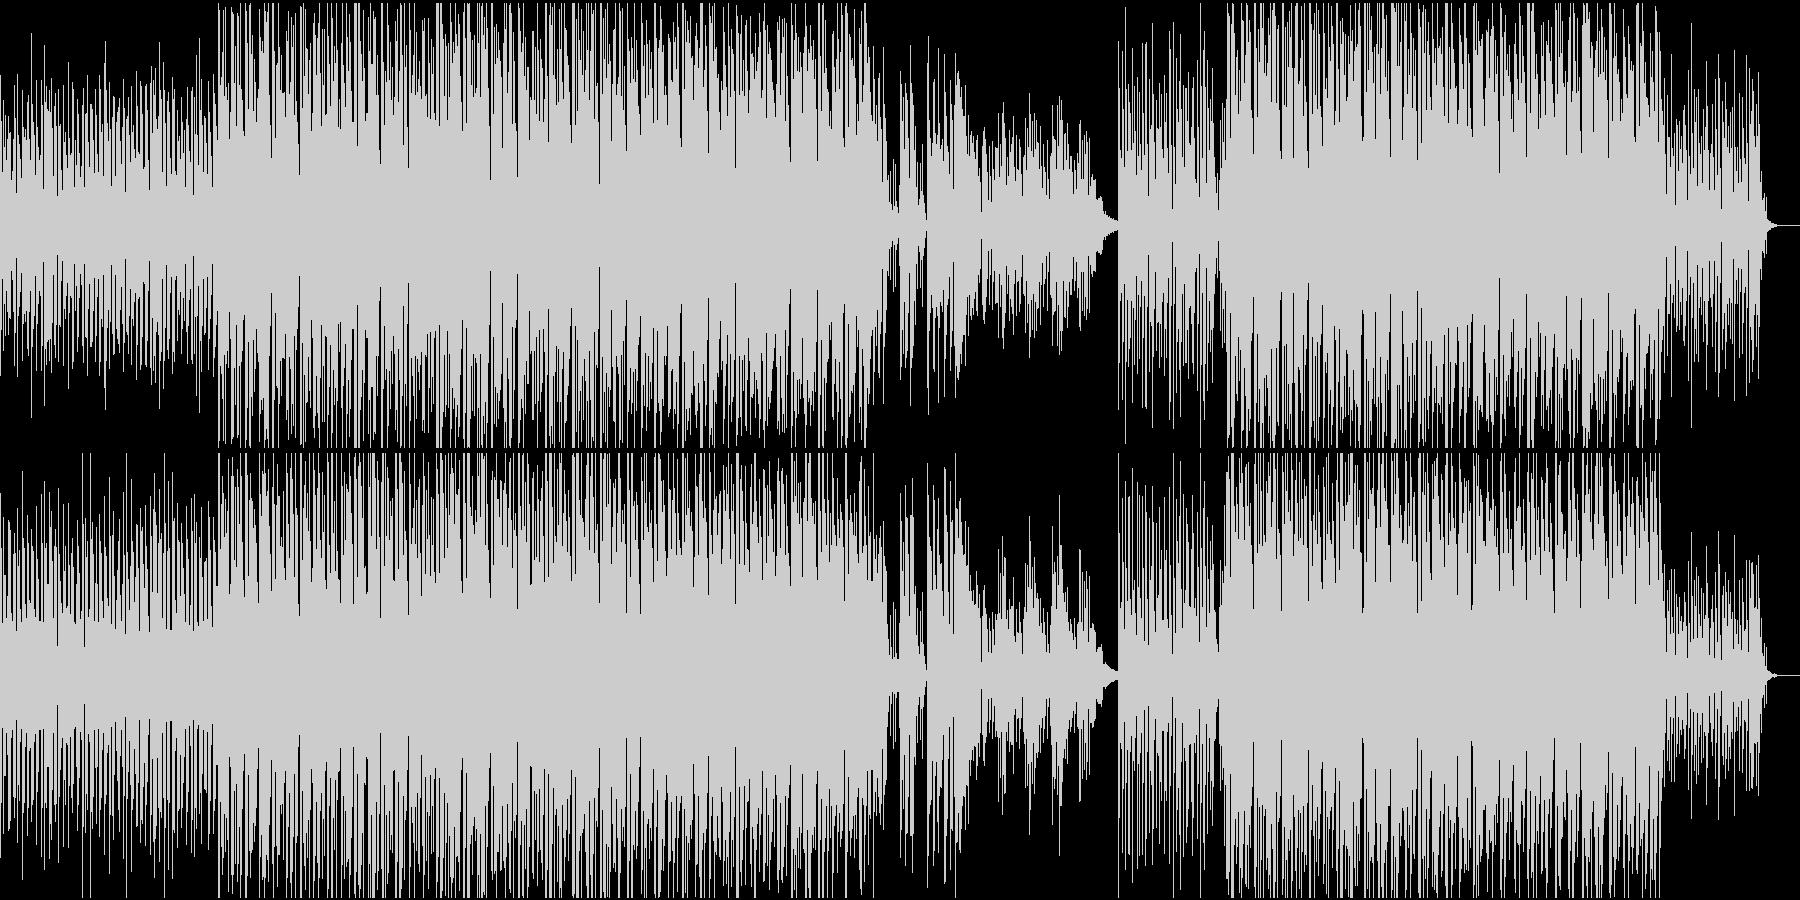 キュートでレトロなモダンサウンドの未再生の波形